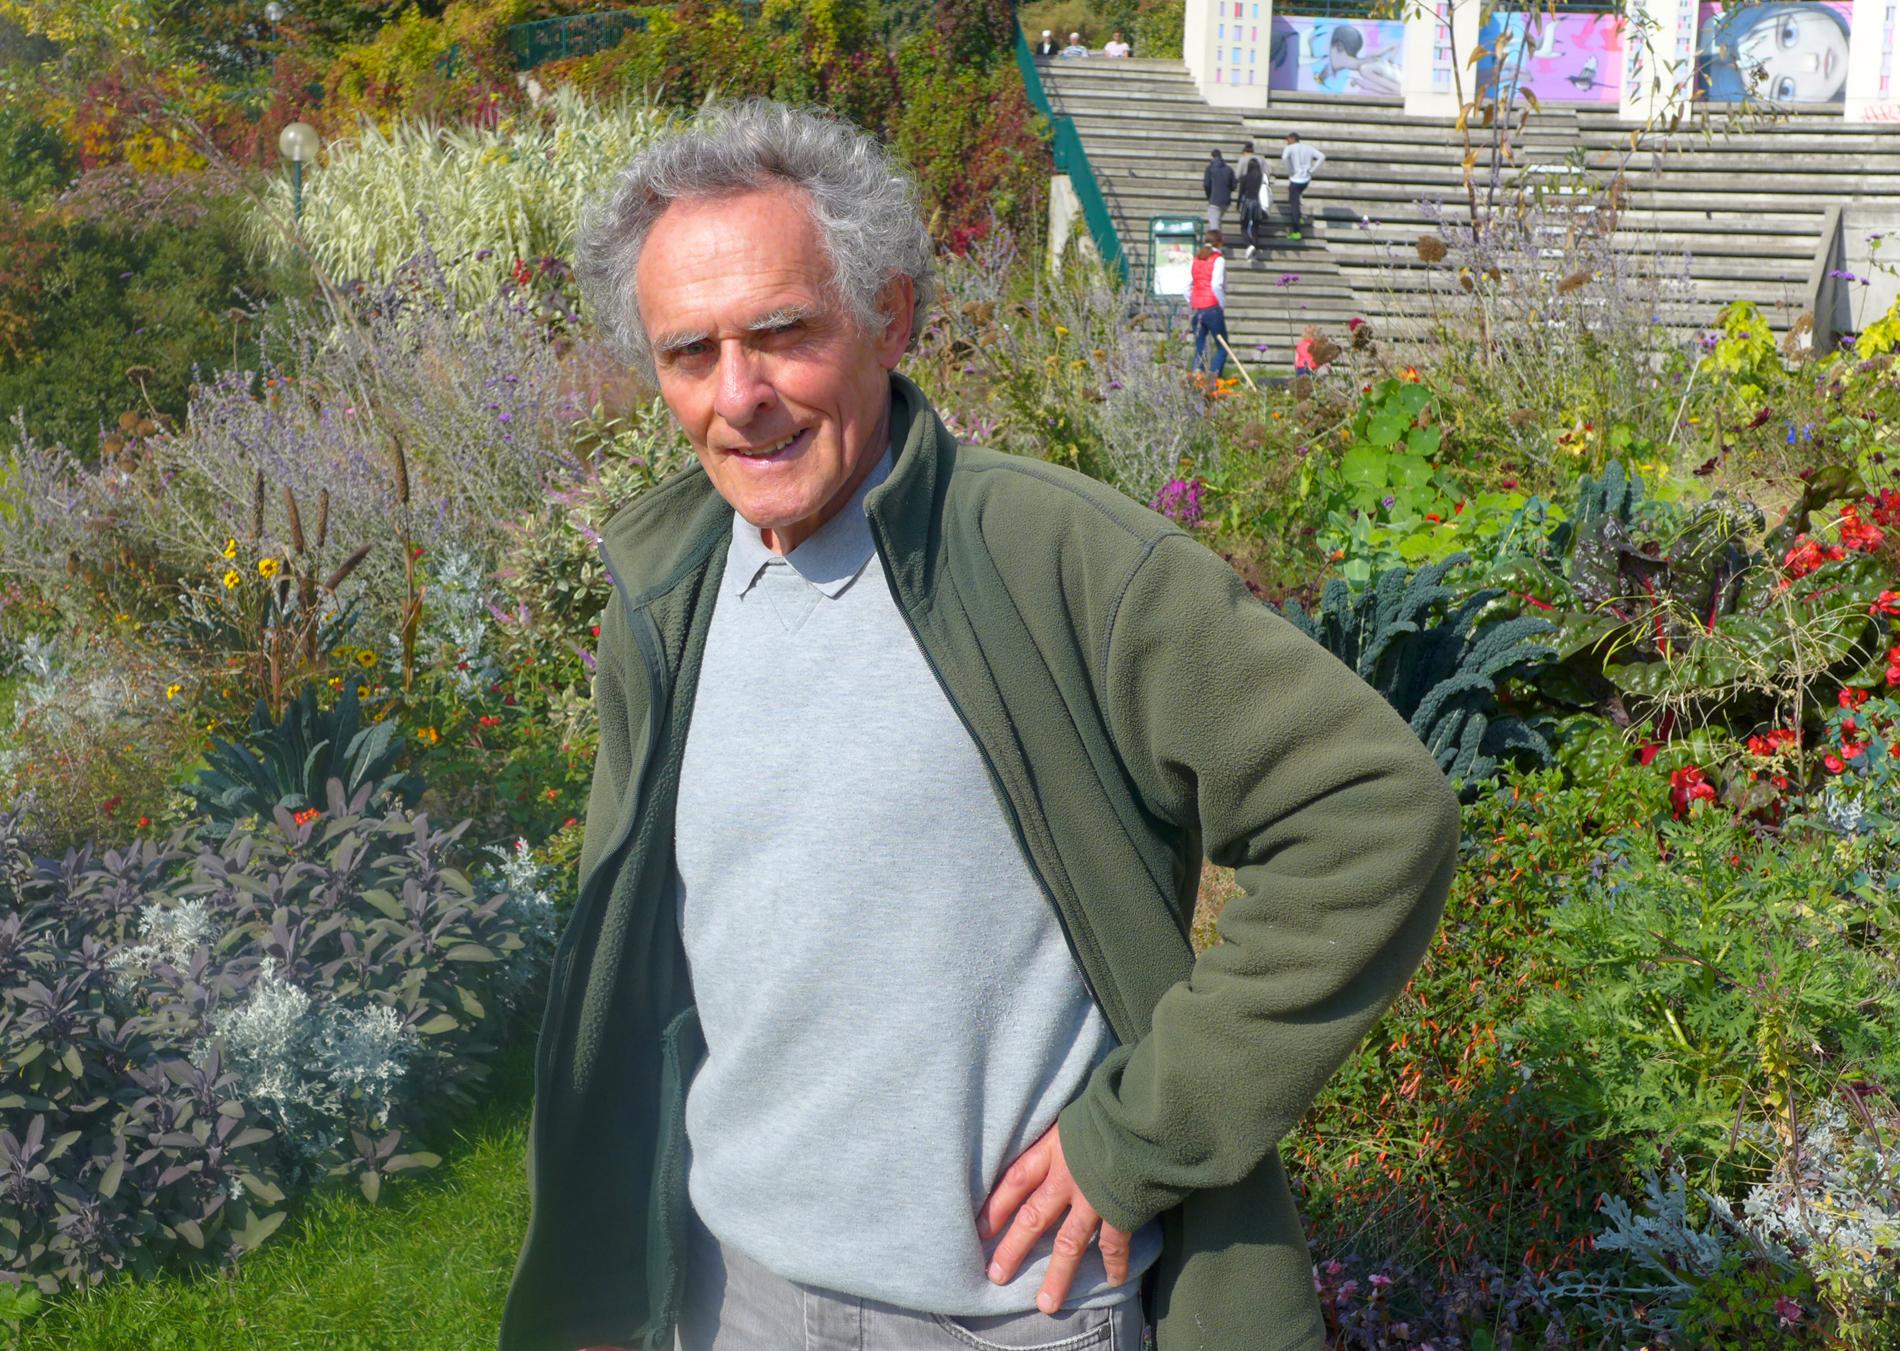 Bellevillen pääpuutarhuri Gérard Joubert luottaa luonnon kielen viisauteen. © Tripsteri